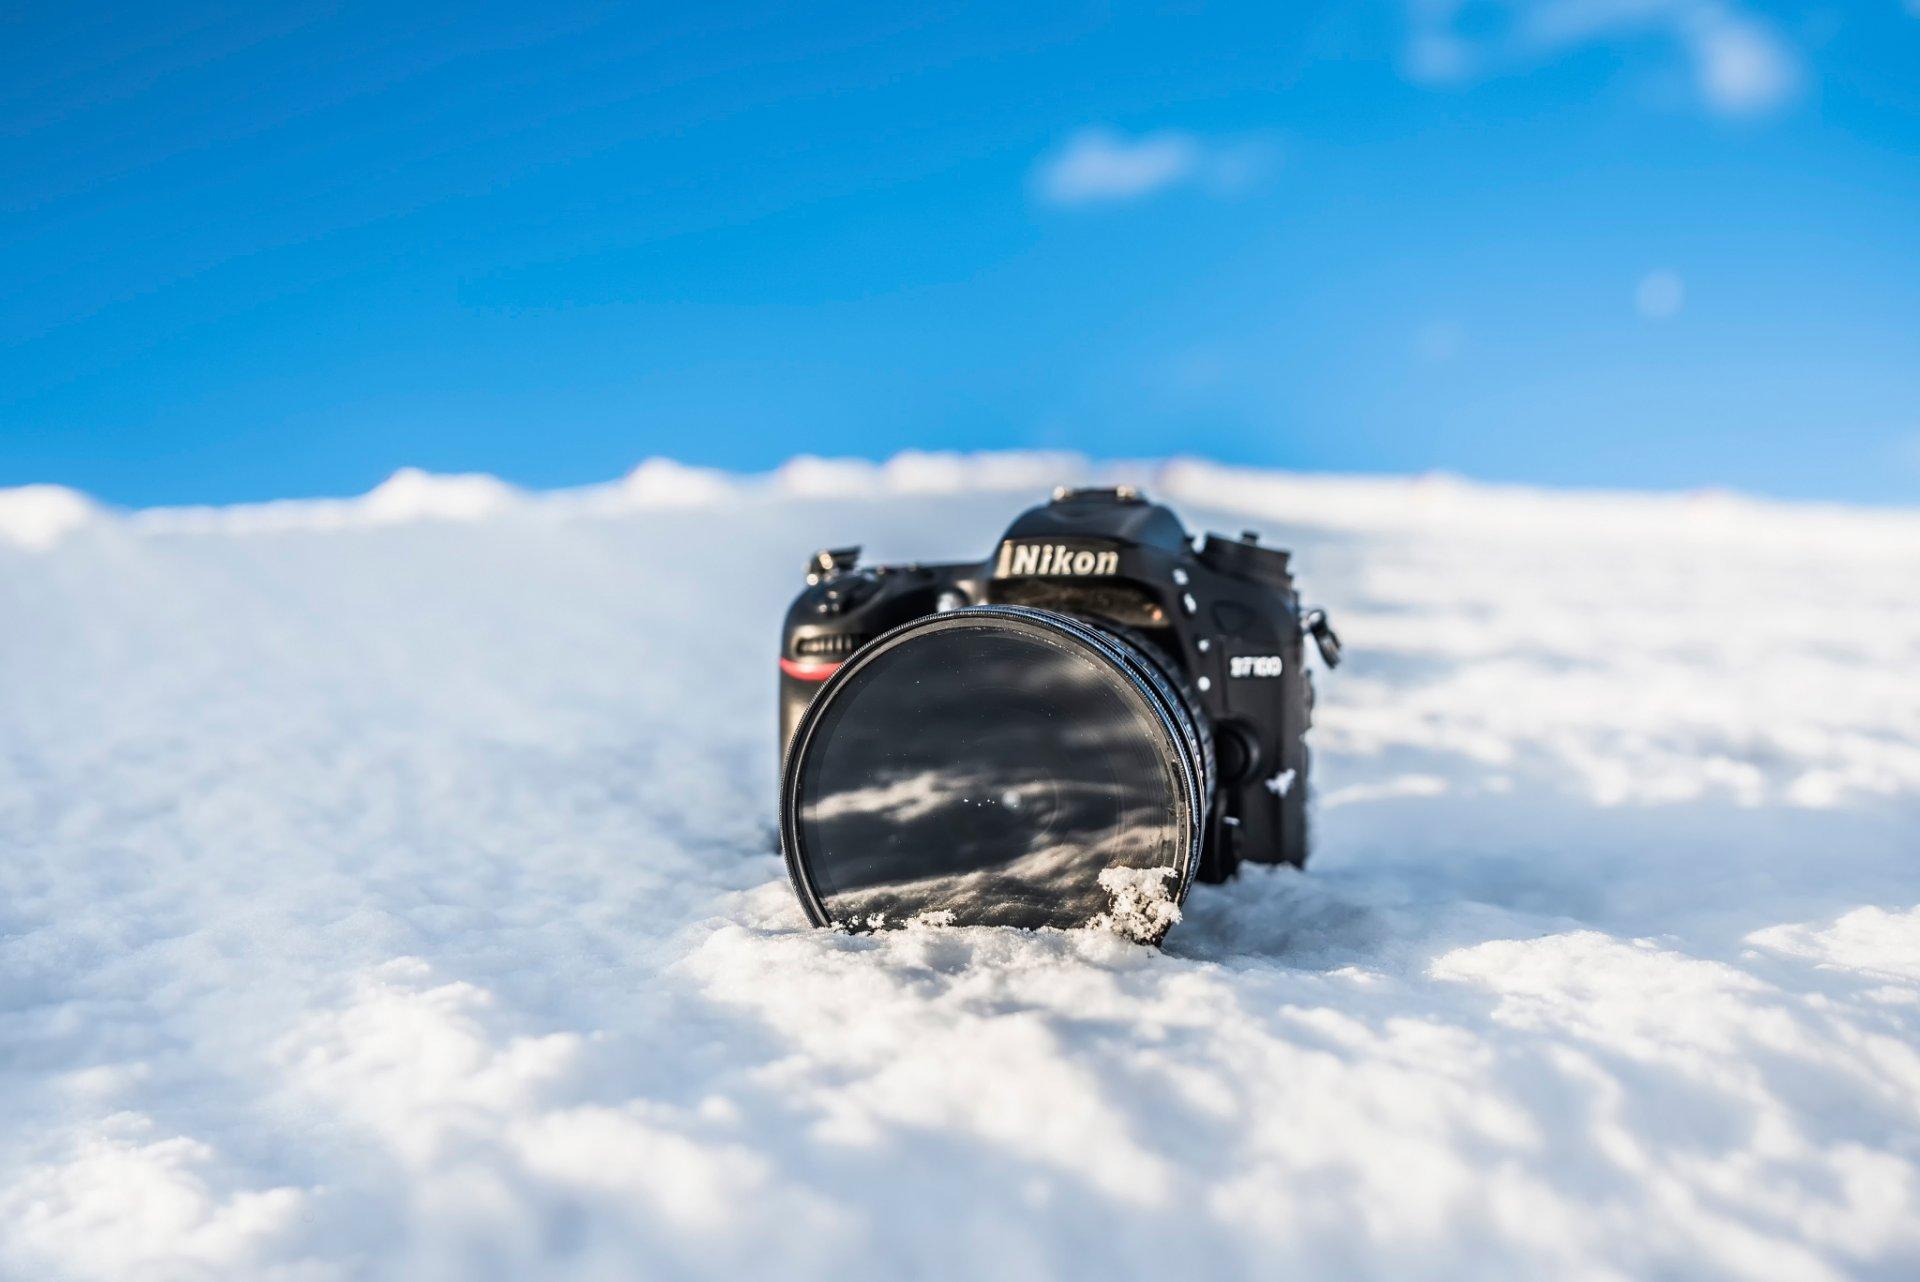 картинки новый год и фотоаппарат становится аллет